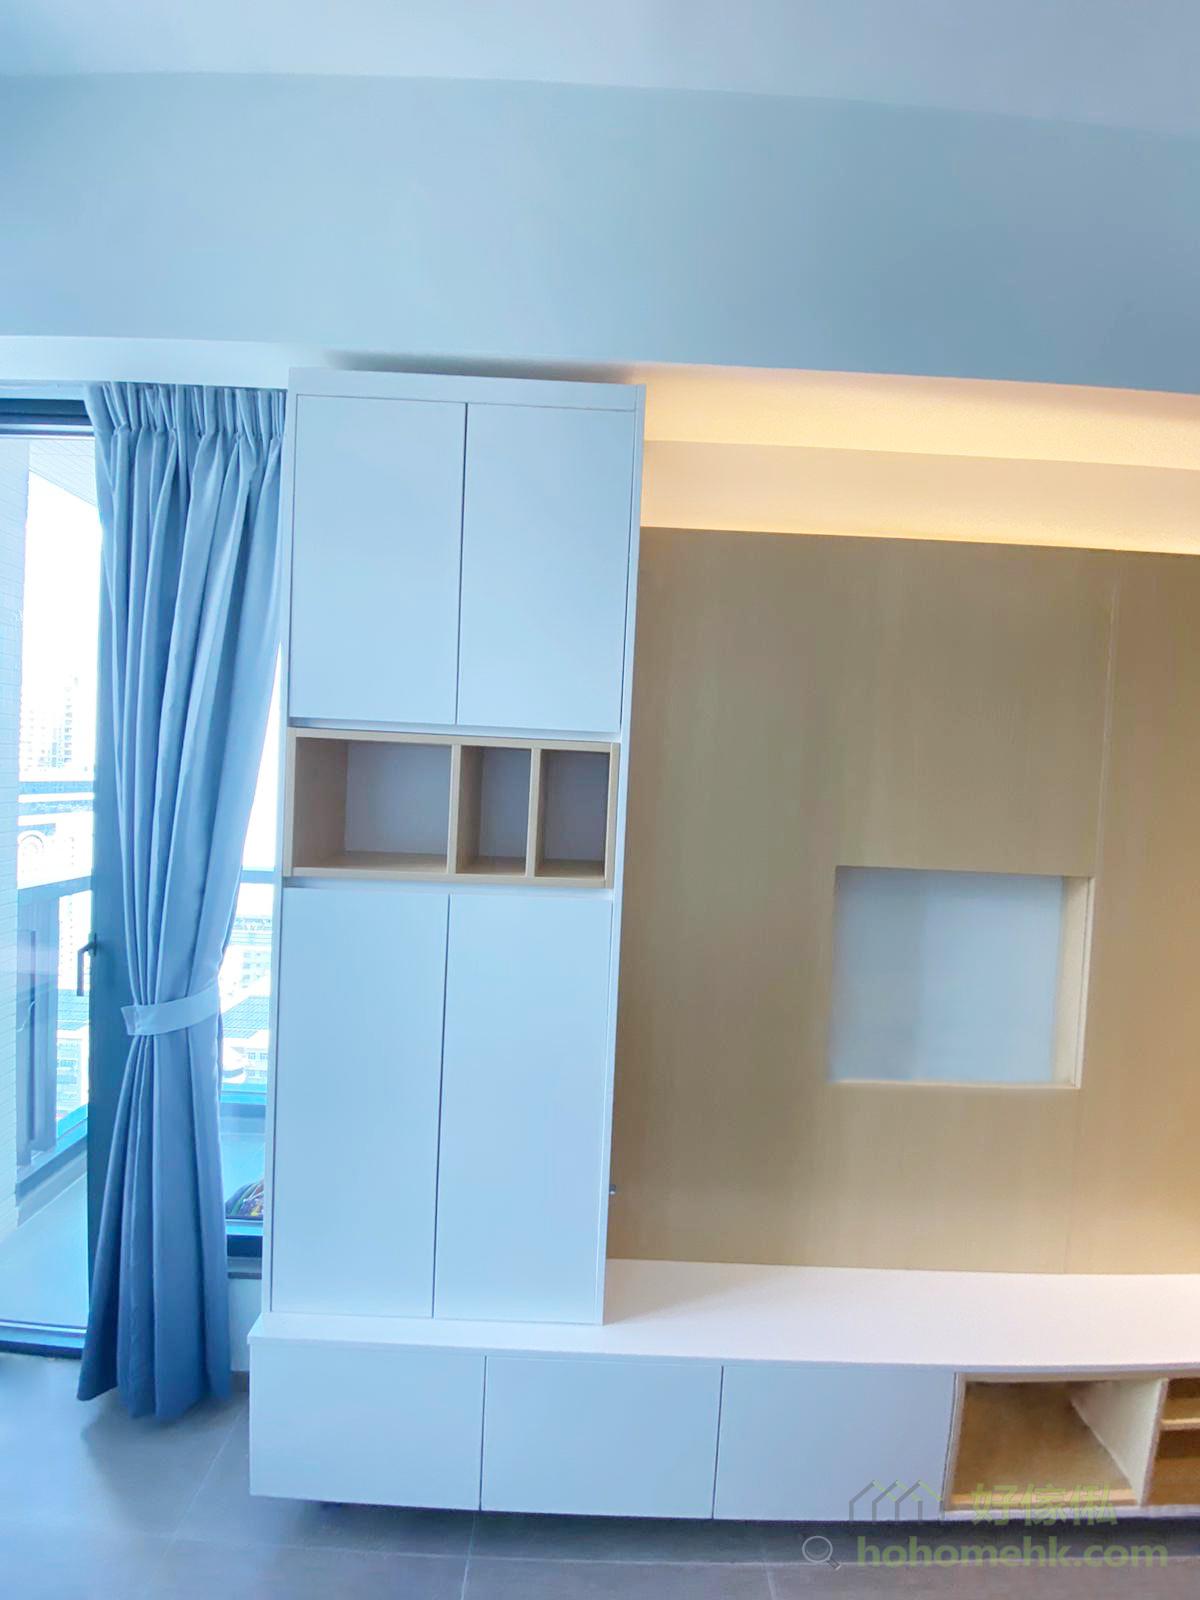 L形的儲物櫃配上電視牆,櫃門、間隔全都融合於橫直線條的規律中,讓空間顯得簡約俐落